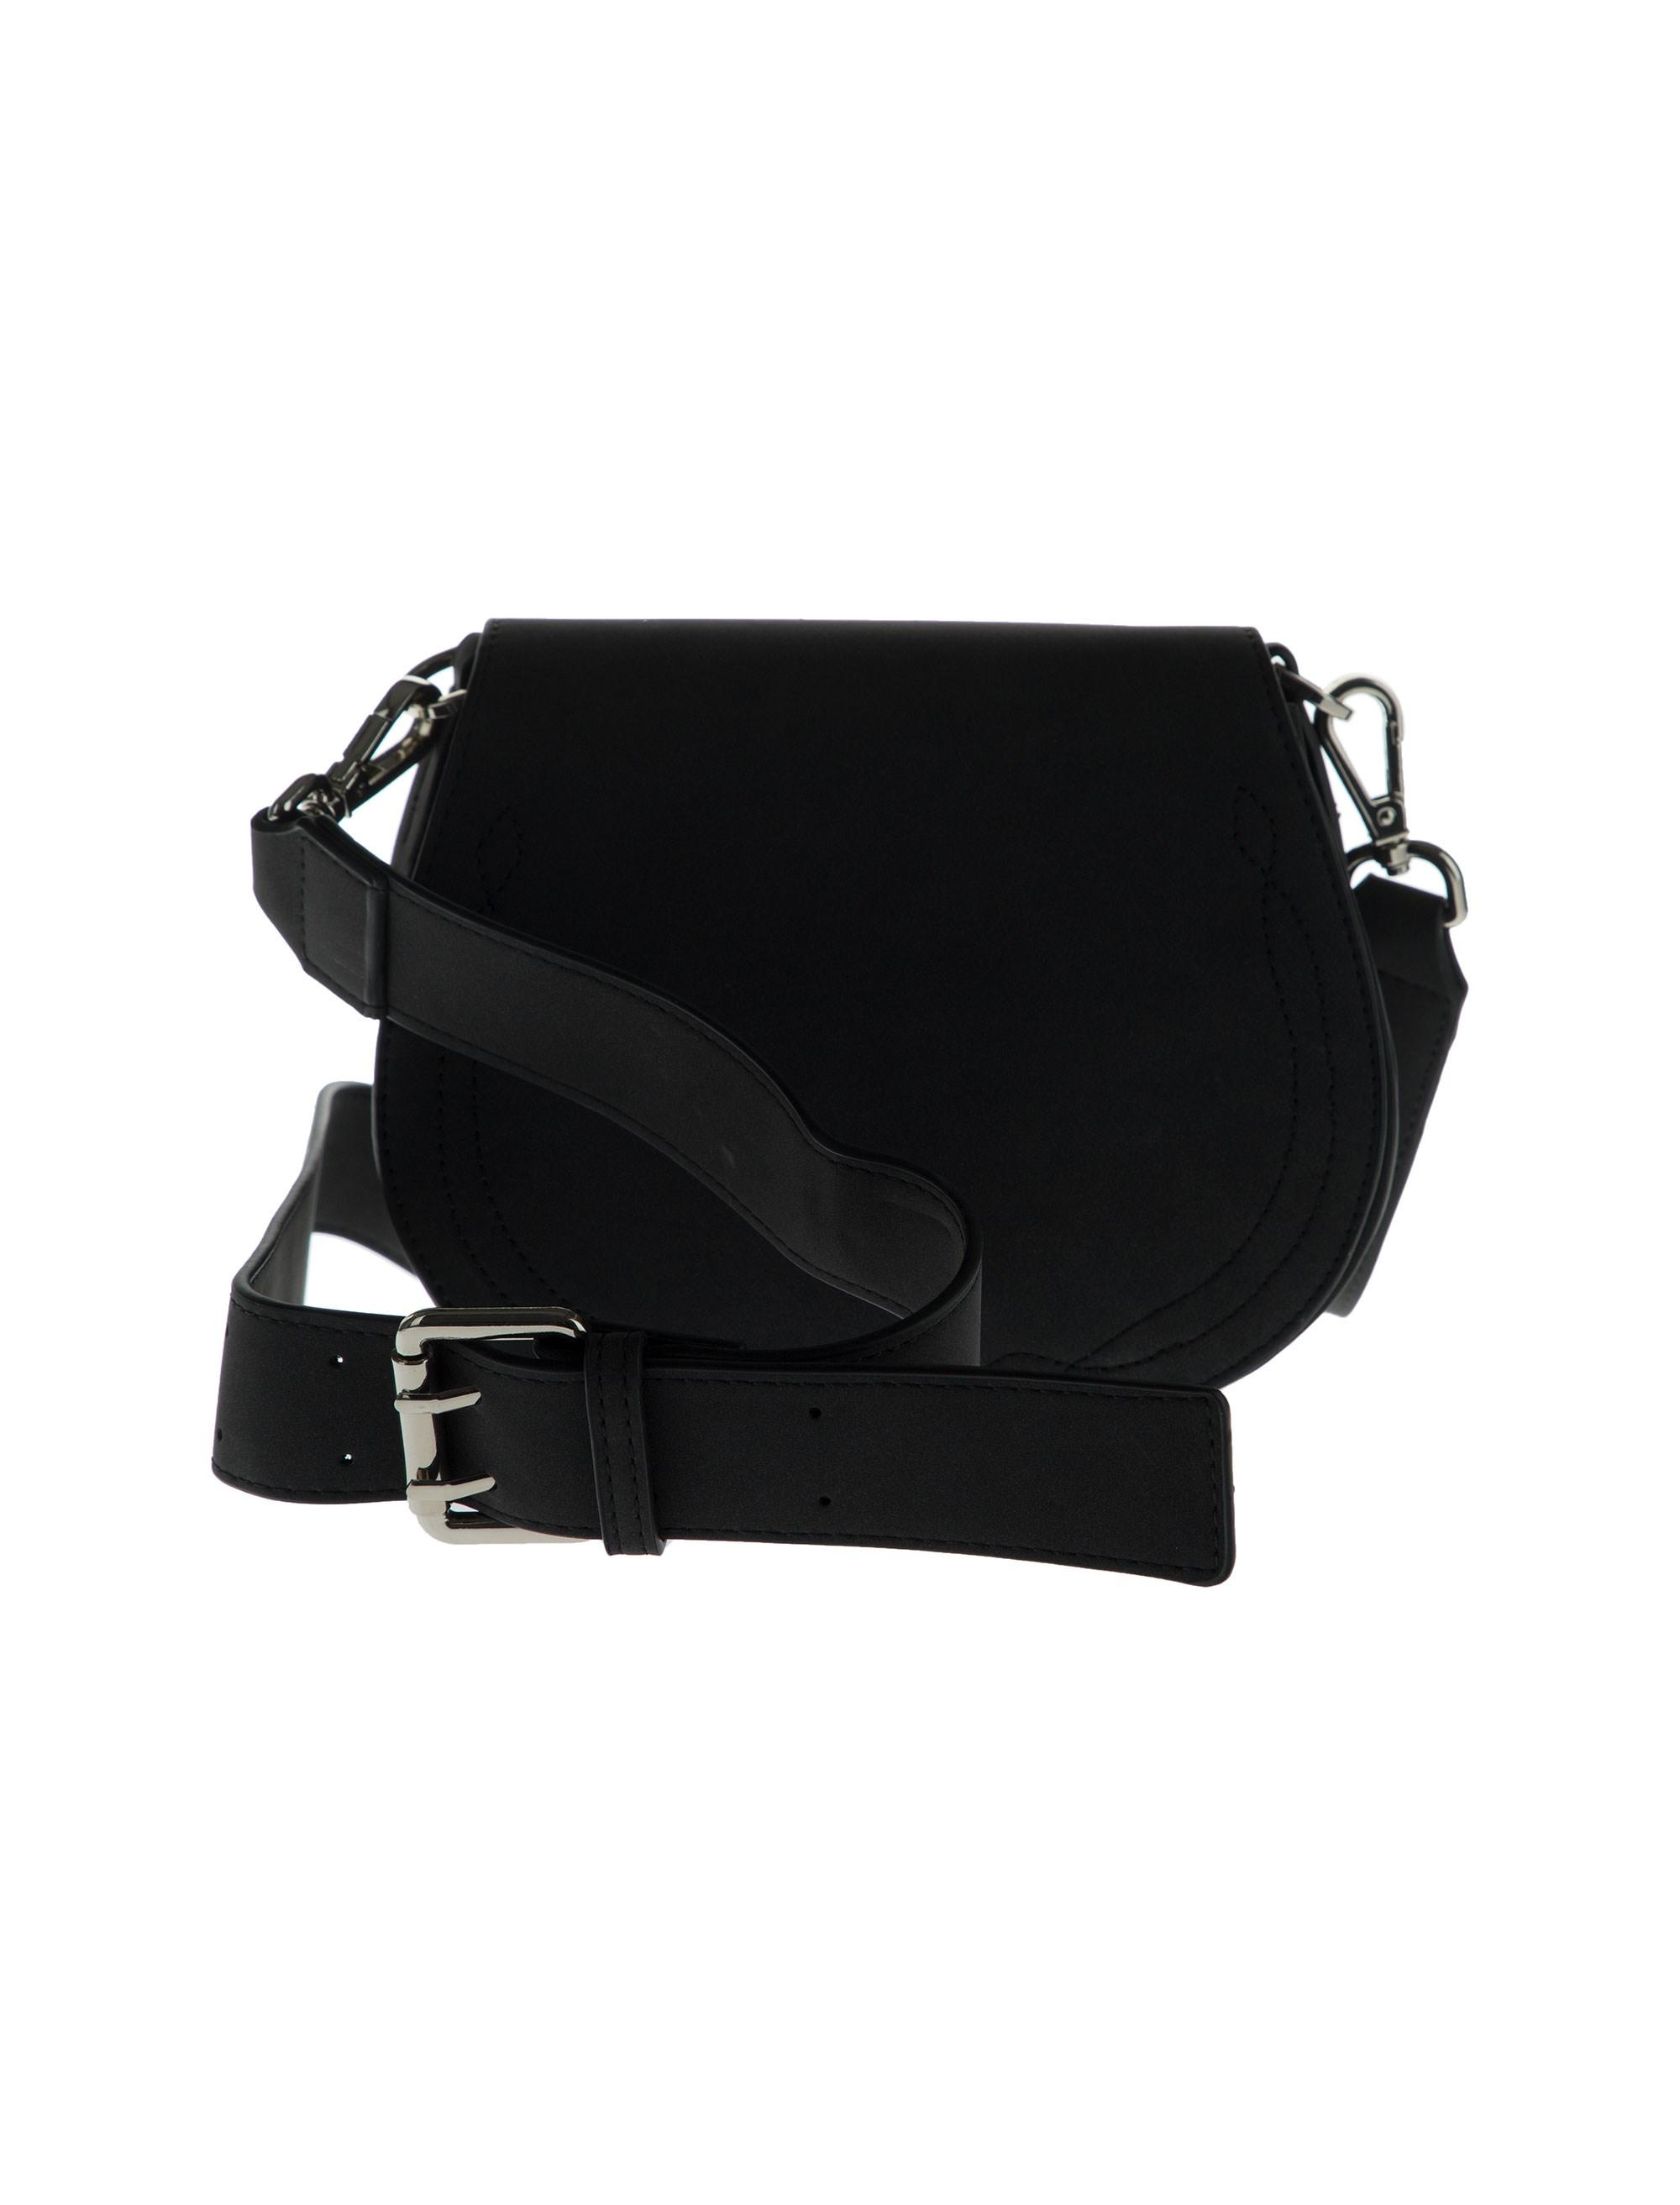 کیف دوشی روزمره زنانه - آبجکت تک سایز - مشکي - 3